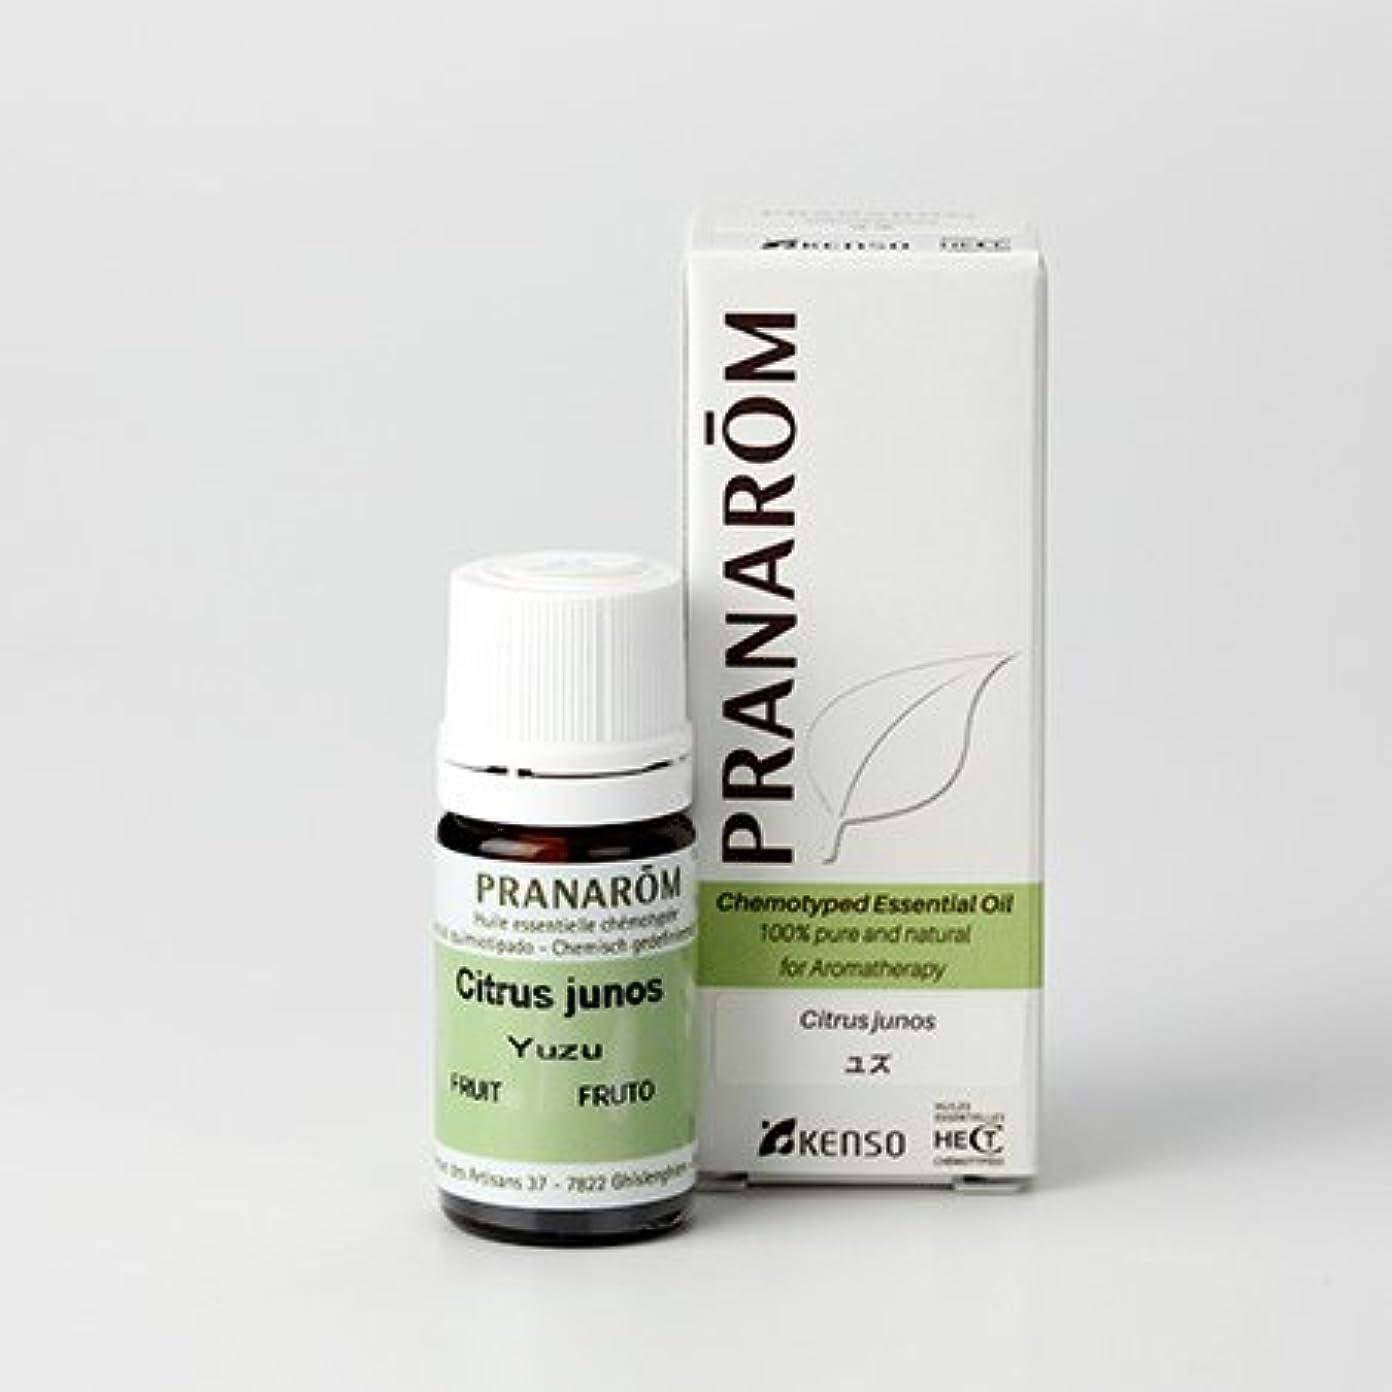 異形散文広大なプラナロム ユズ 5ml (PRANAROM ケモタイプ精油)